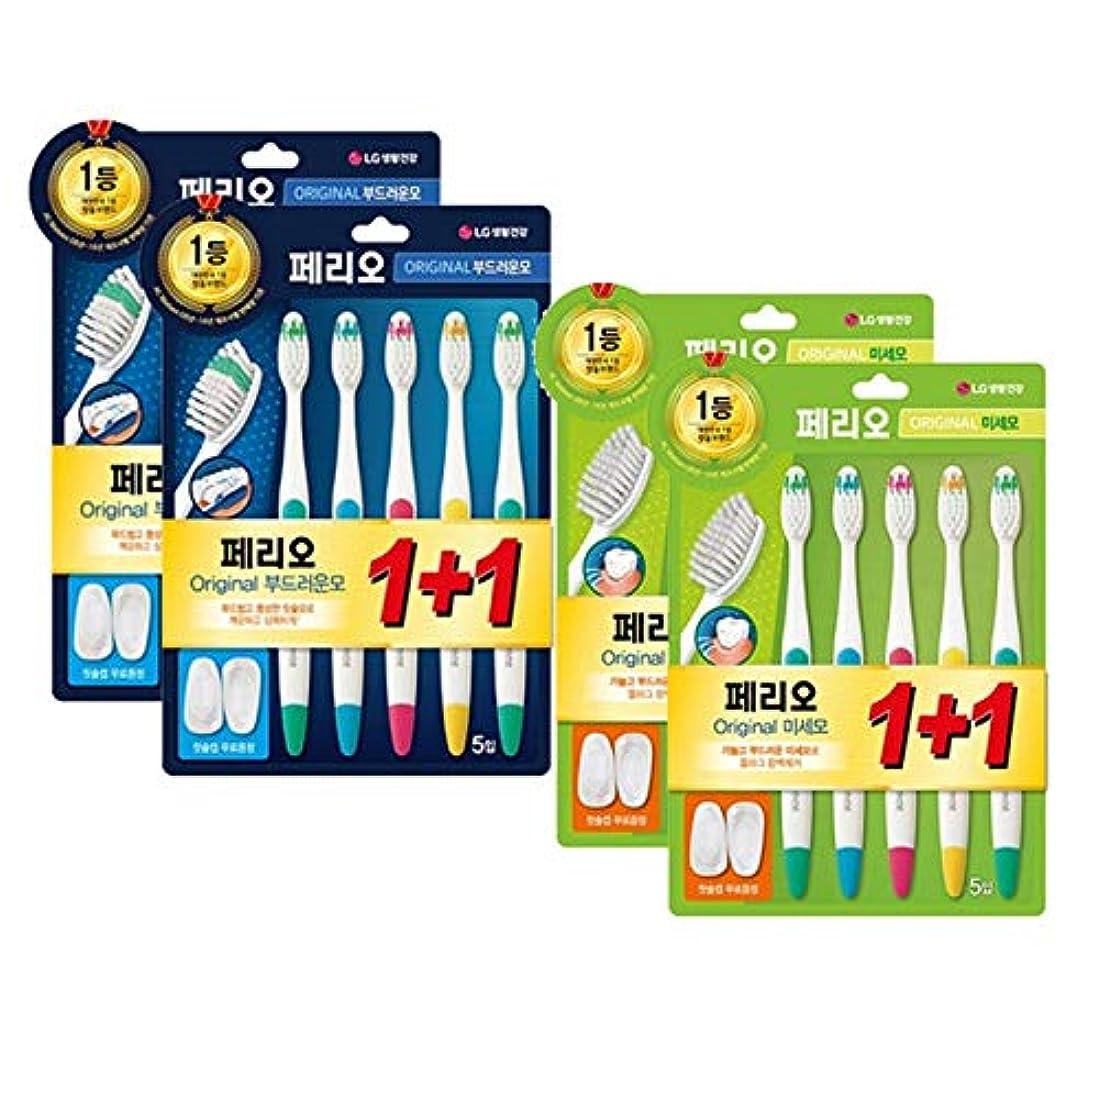 名義でバリア不適[LG HnB] Perio original toothbrush/ペリオオリジナル歯ブラシ 5口x4個(海外直送品)